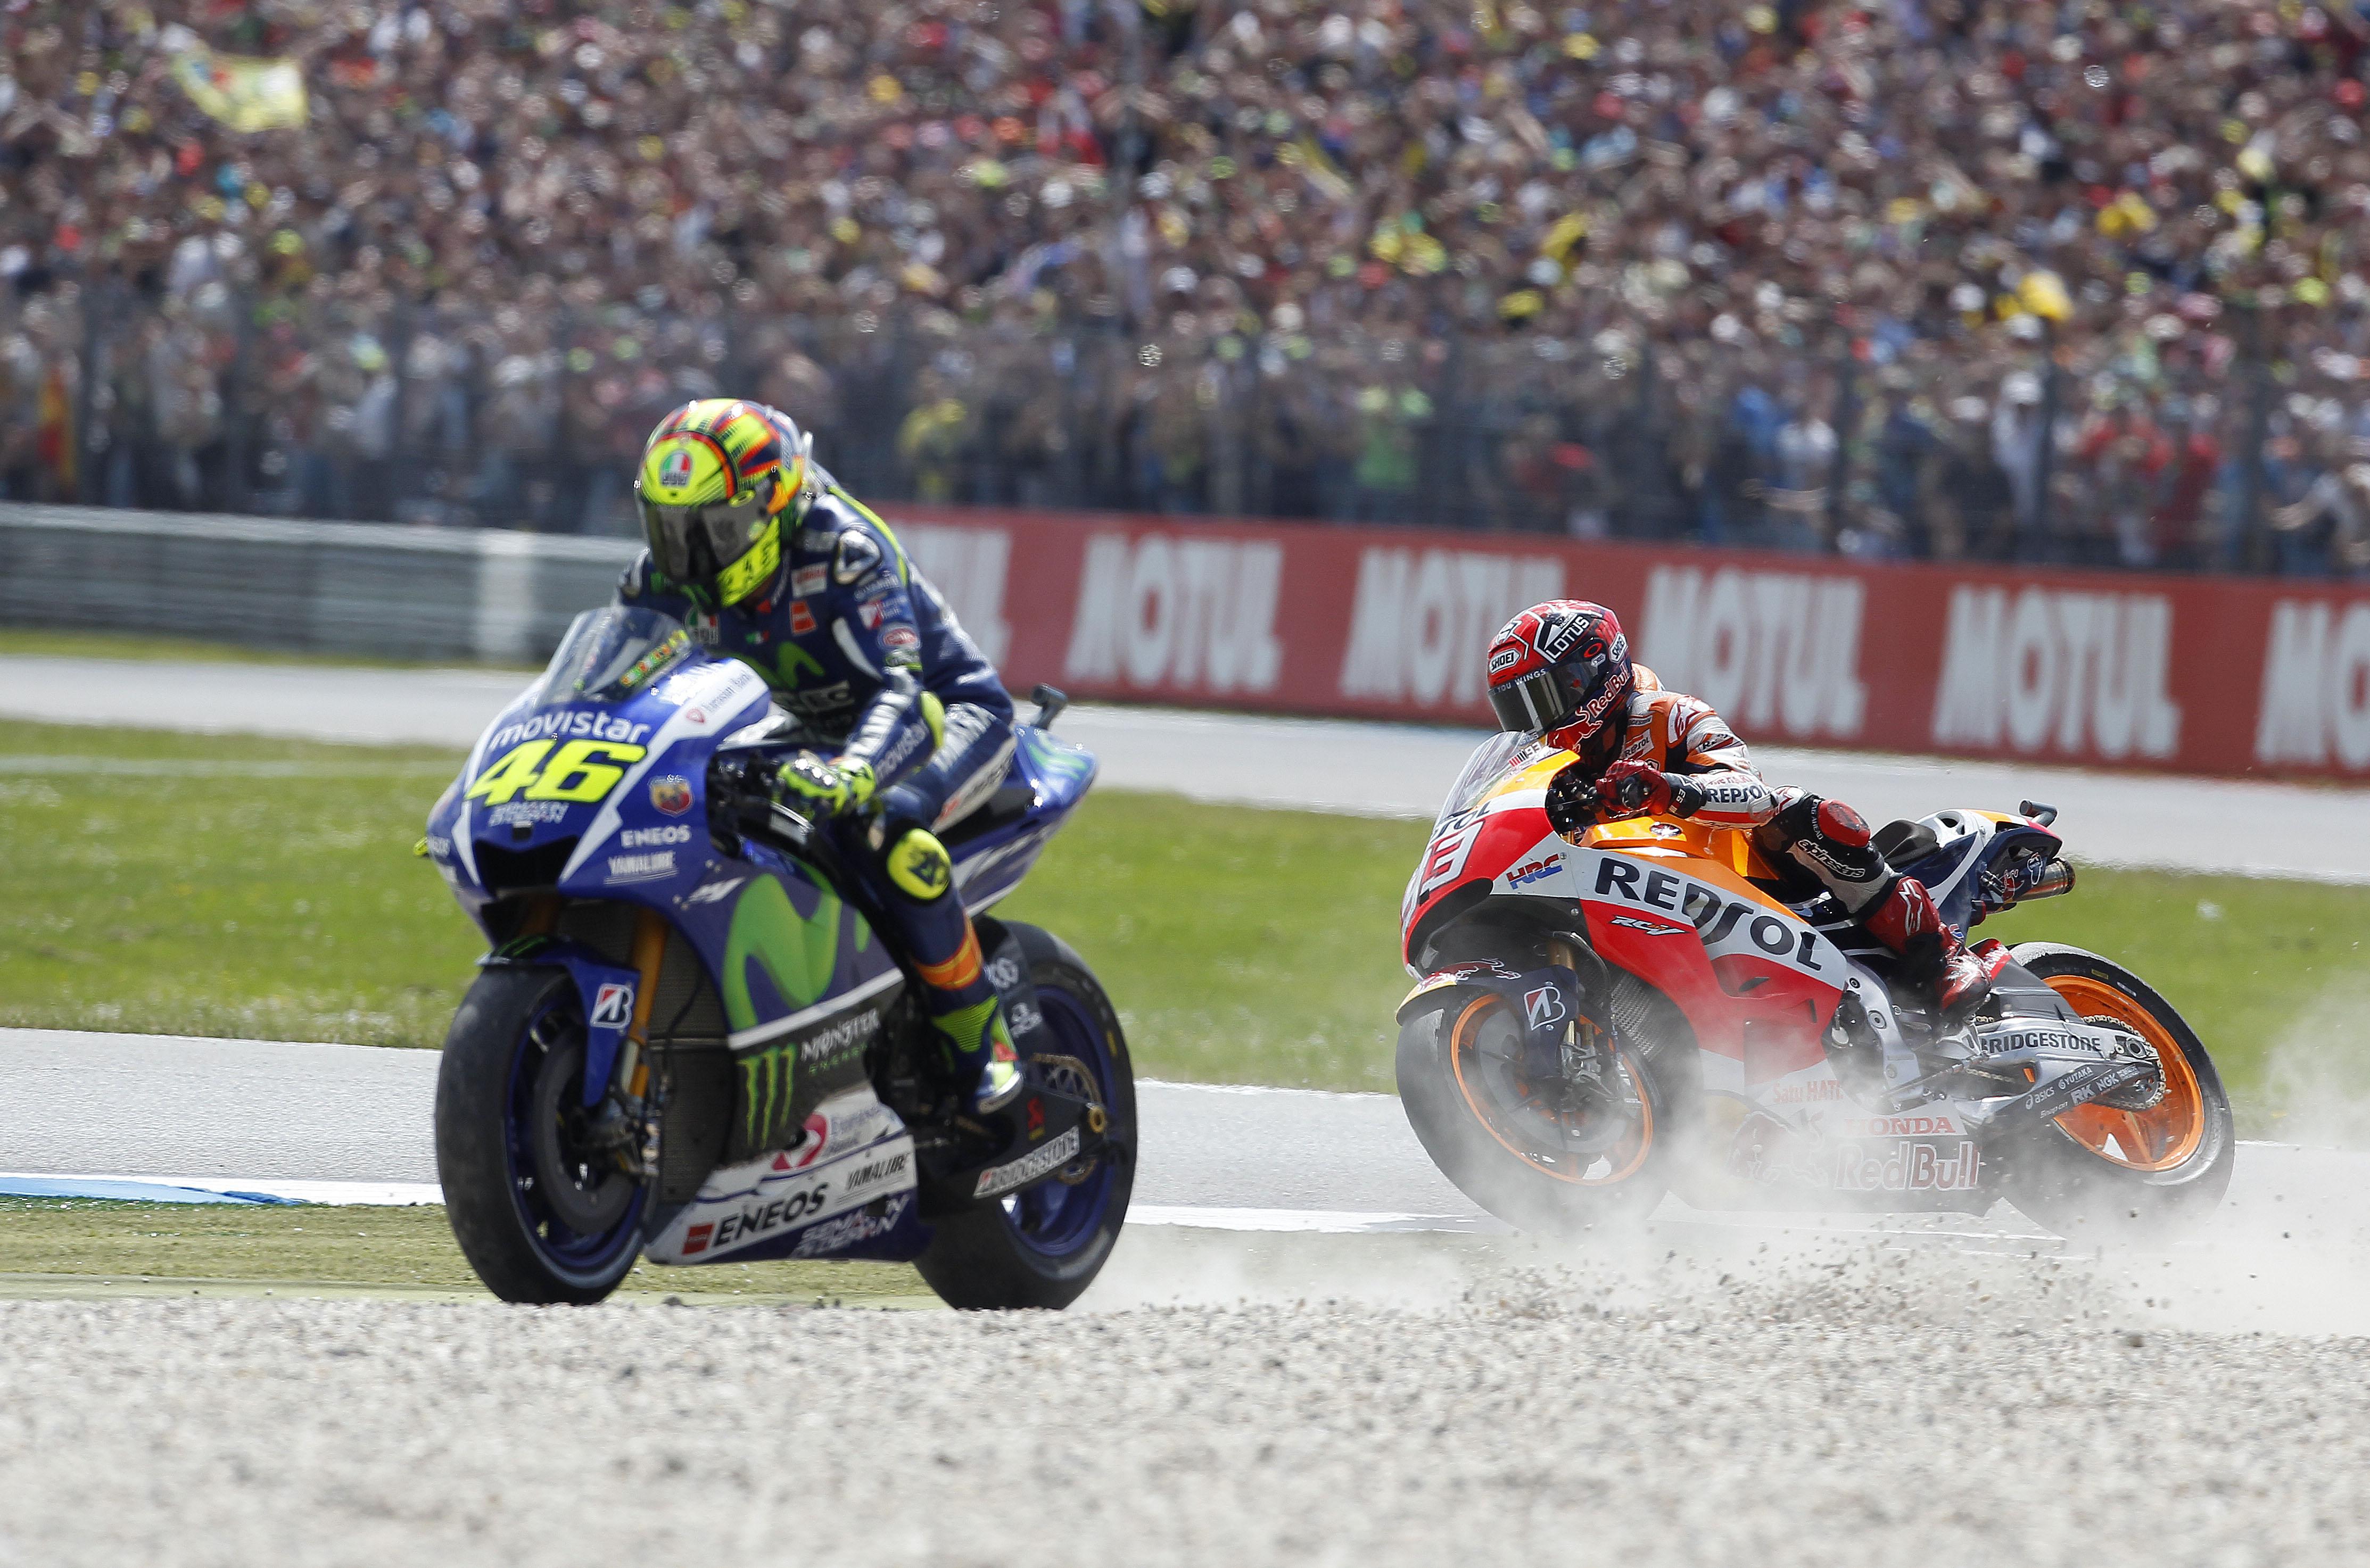 Valentino Rossi, Marc Marquez, Assen, 2015 Dutch TT, MotoGP,